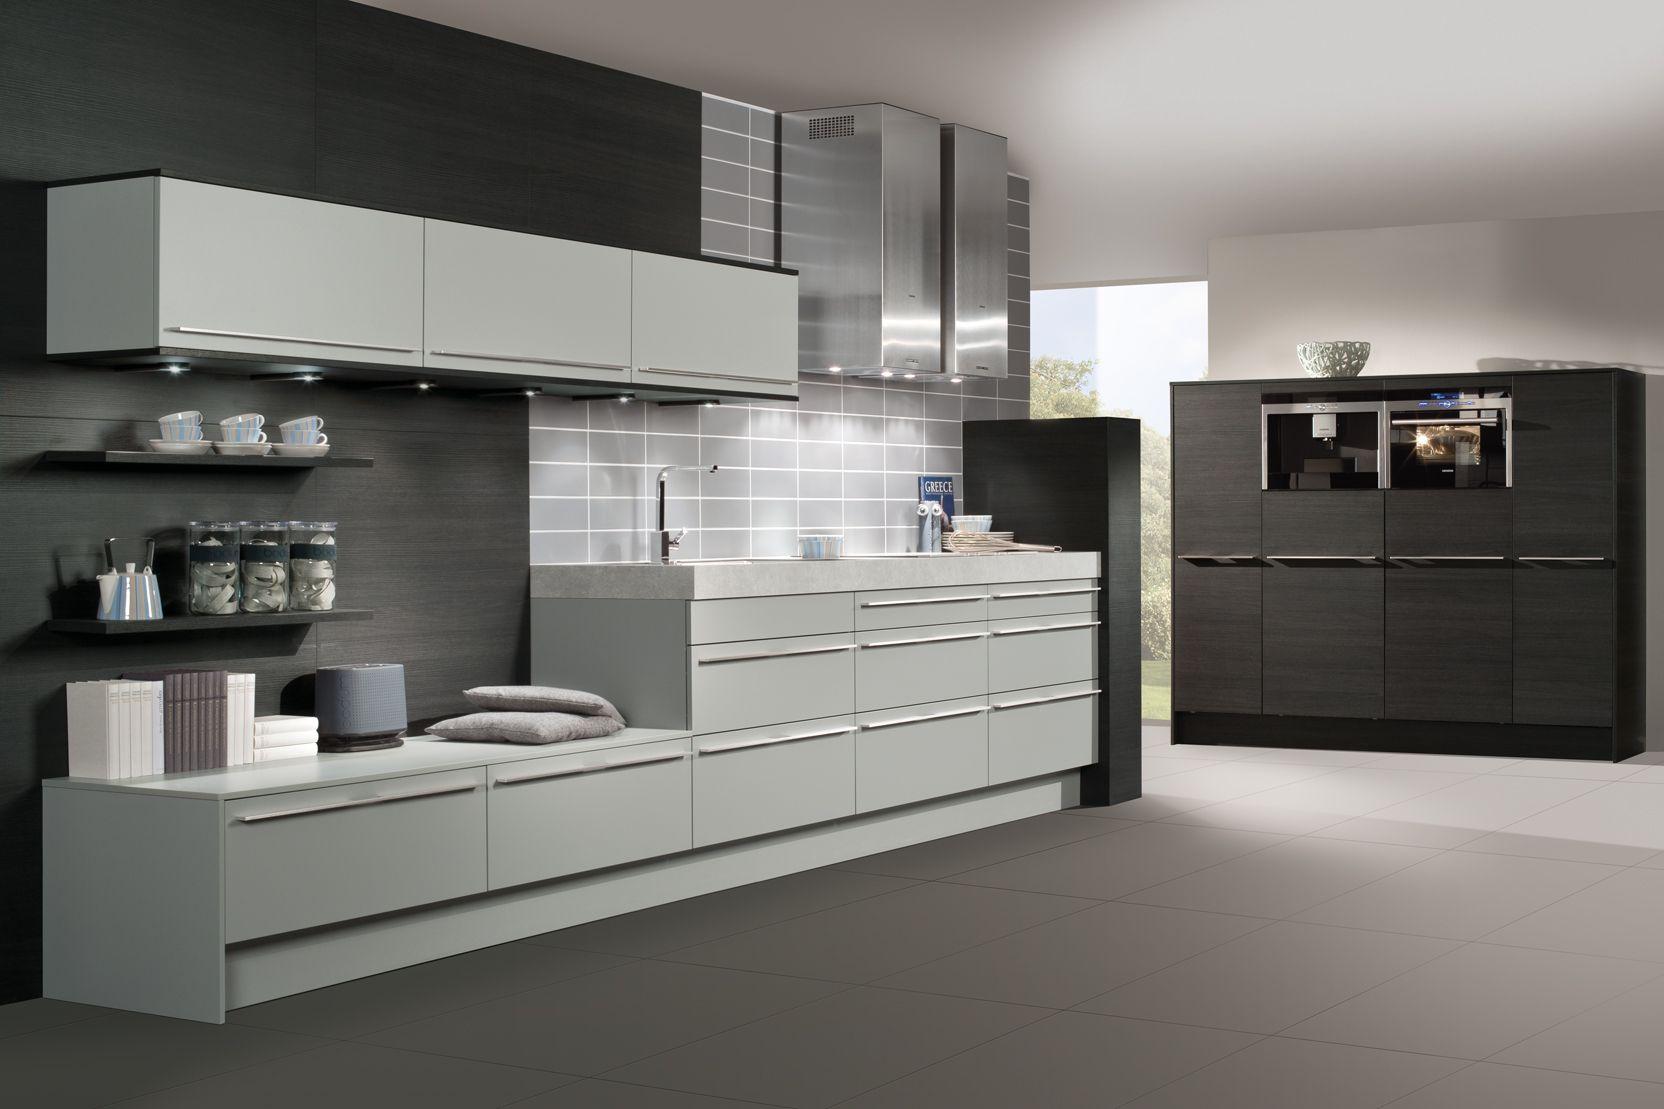 best kitchen designs kitchen design at its best concrete grey laminate